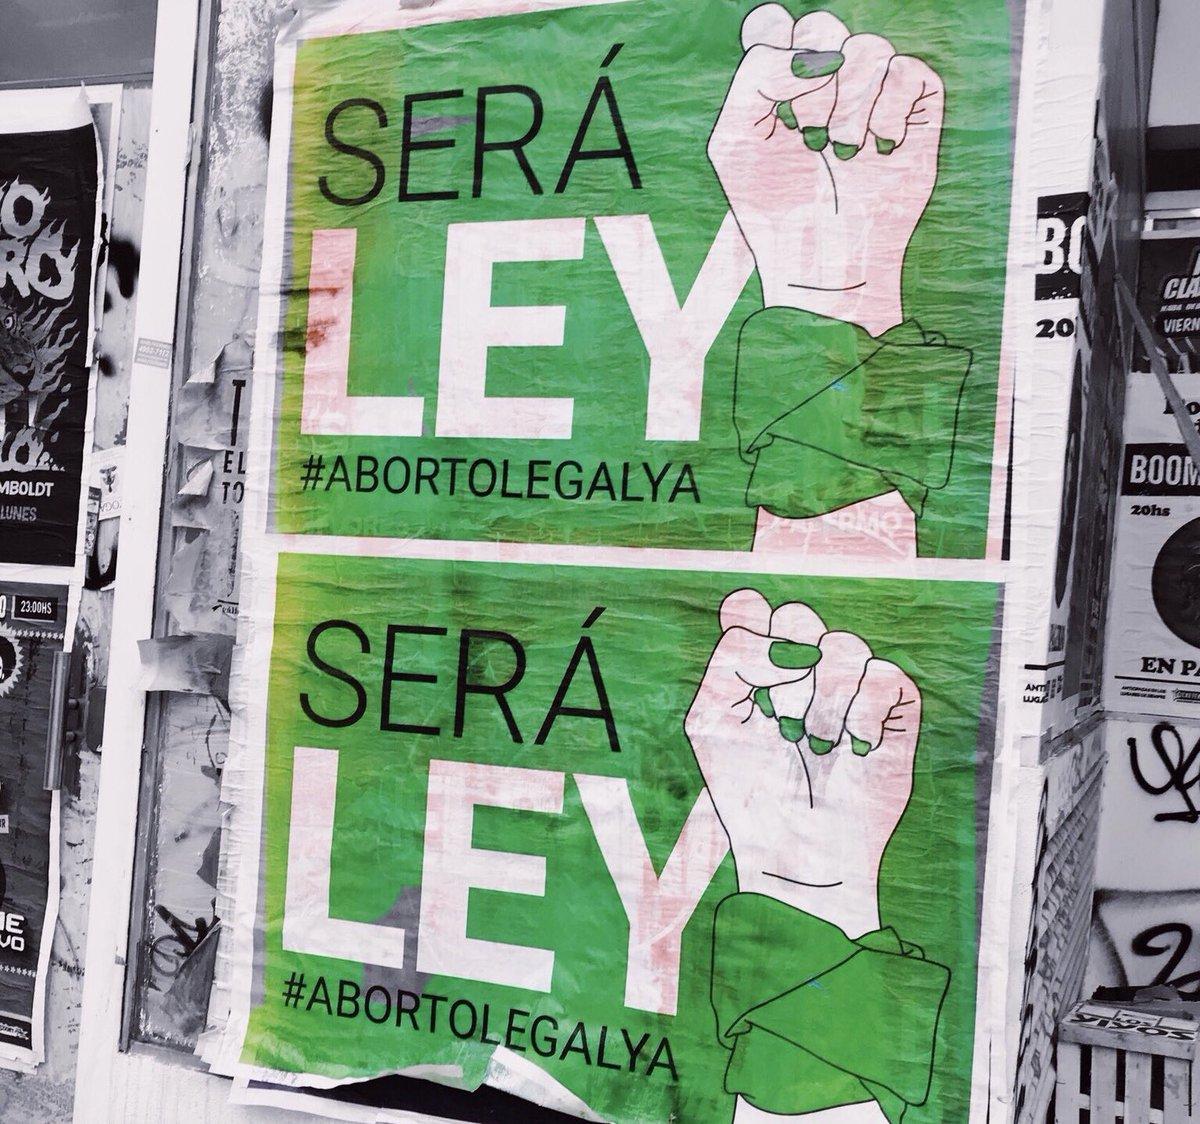 Nelle piazze di tutto il mondo si sostiene la lotta delle donne argentine per la legalizzazione dell'aborto, mentre in Senato c'è la discussione decisiva. Appuntamenti anche a #Milano e #Toma #AbortoLegal8A #QueSeaLegal #QueSeaLey #niunamenos  - Ukustom